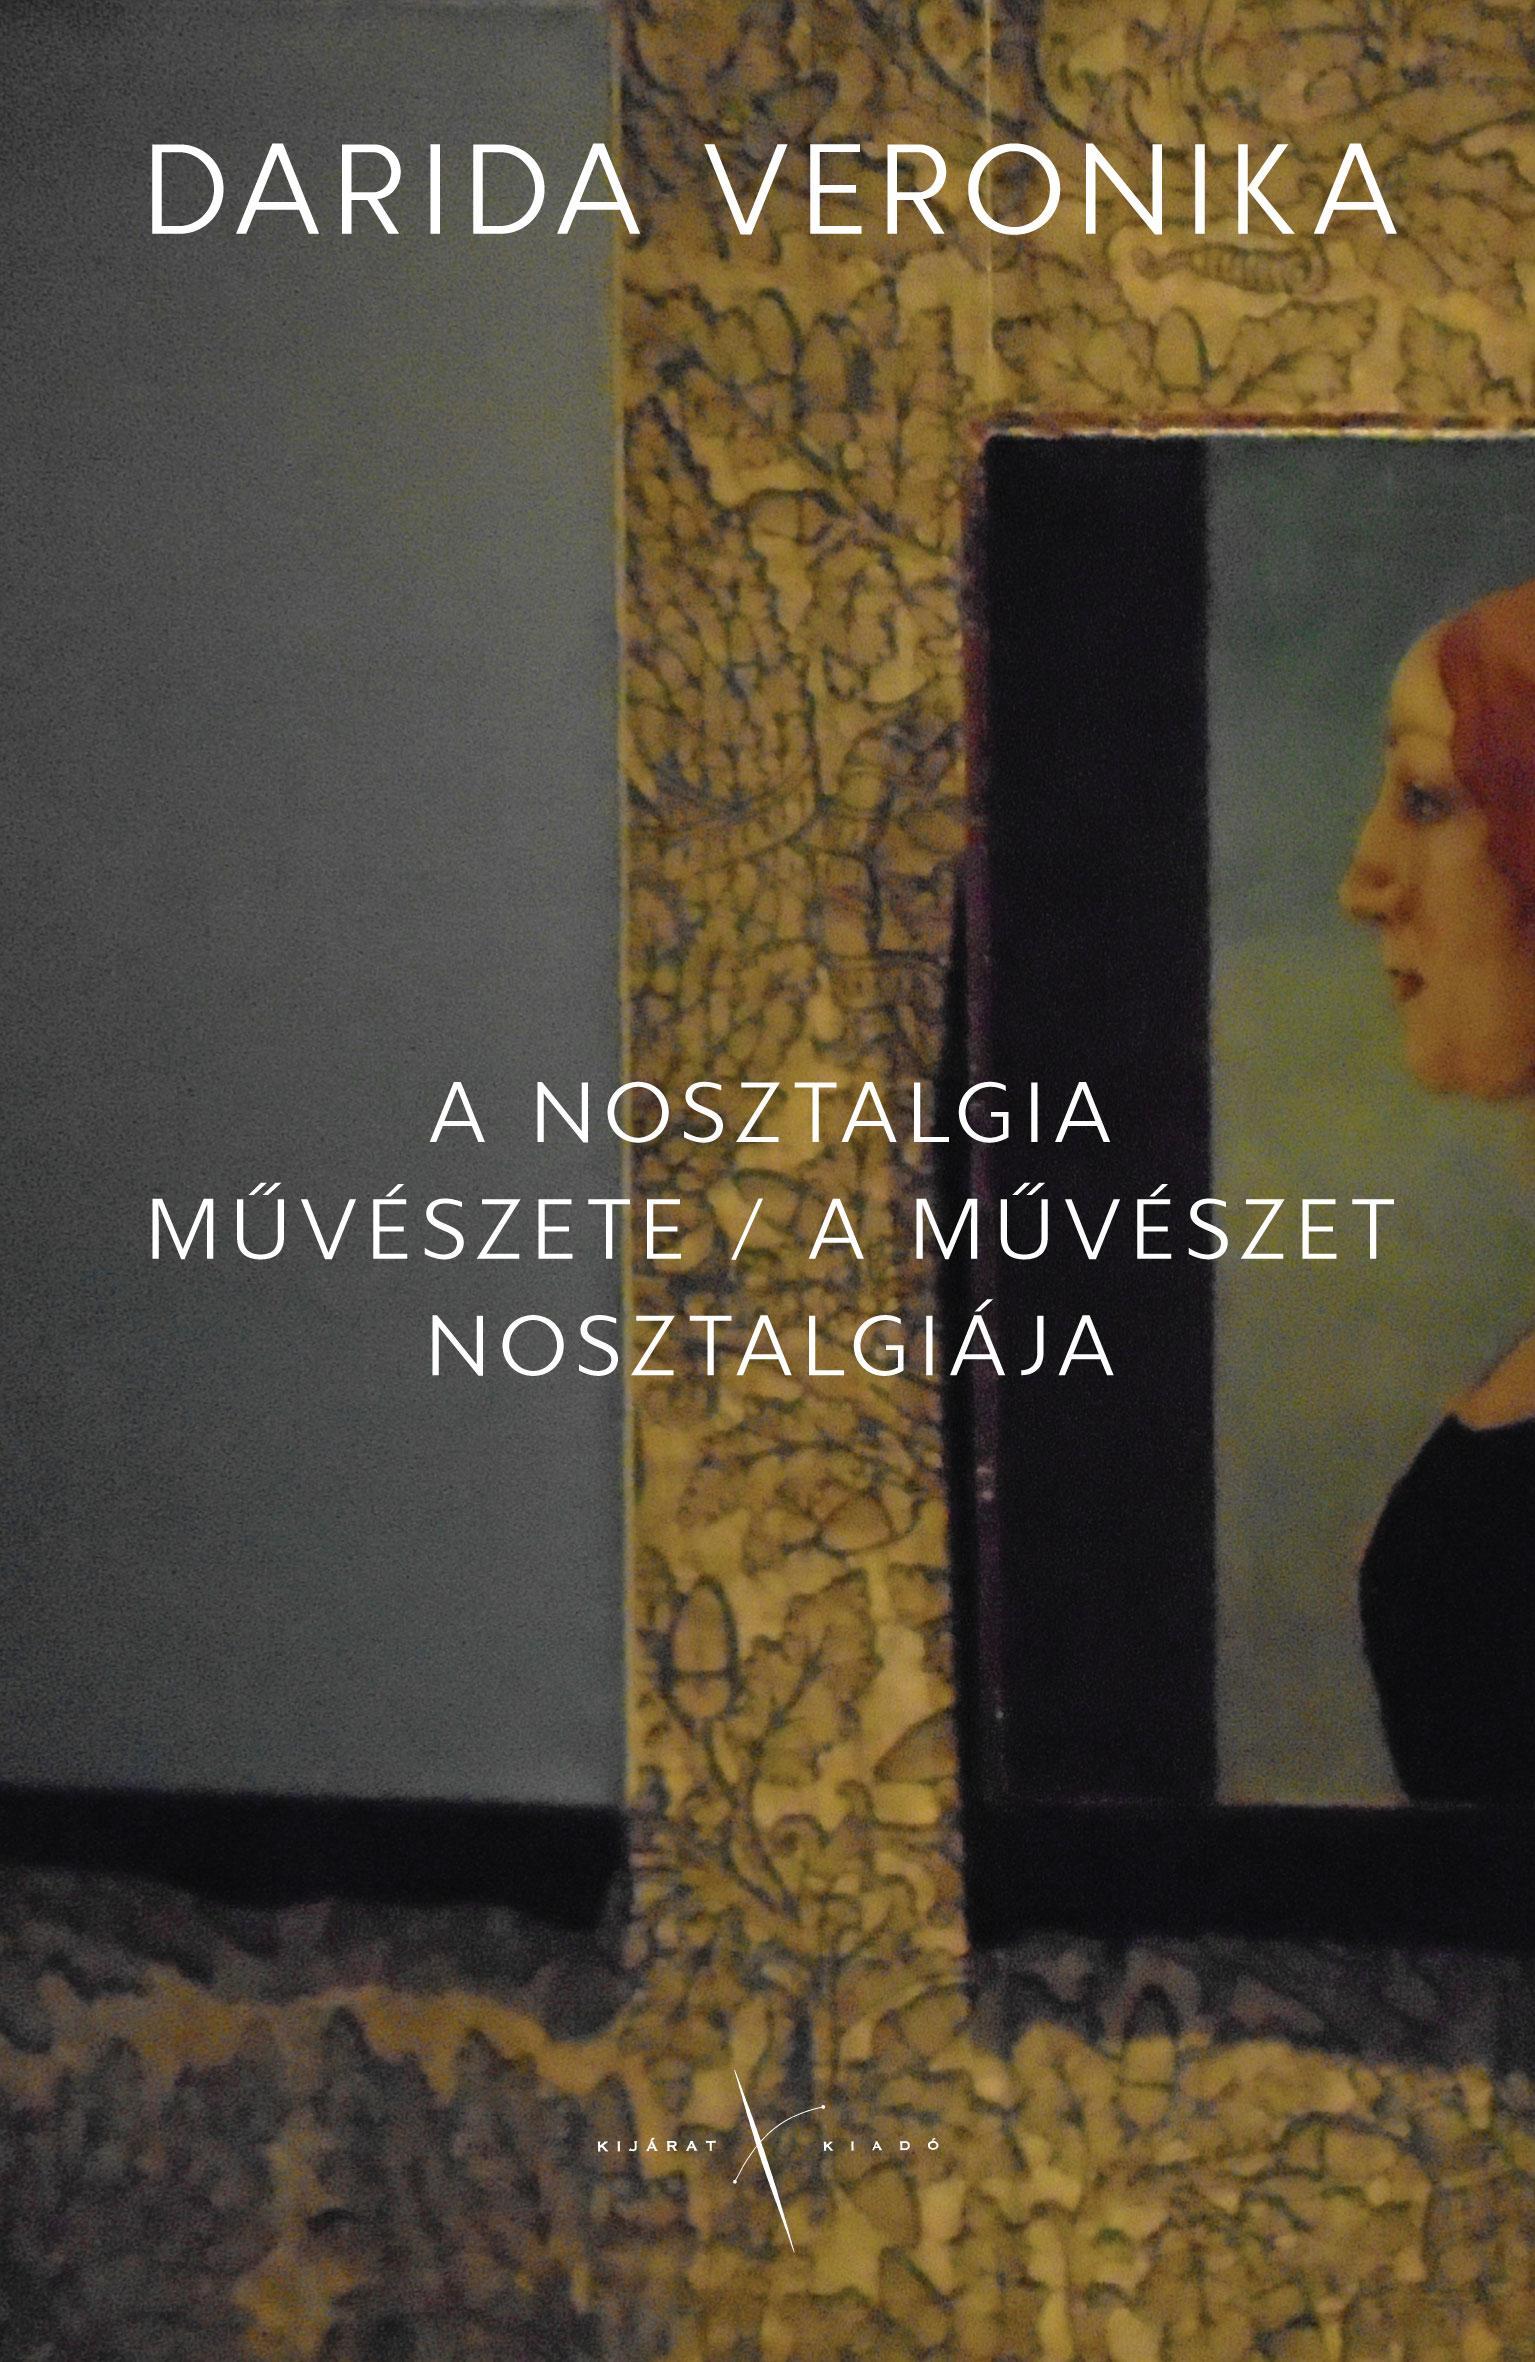 A NOSZTALGIA MŰVÉSZETE / A MŰVÉSZET NOSZTALGIÁJA